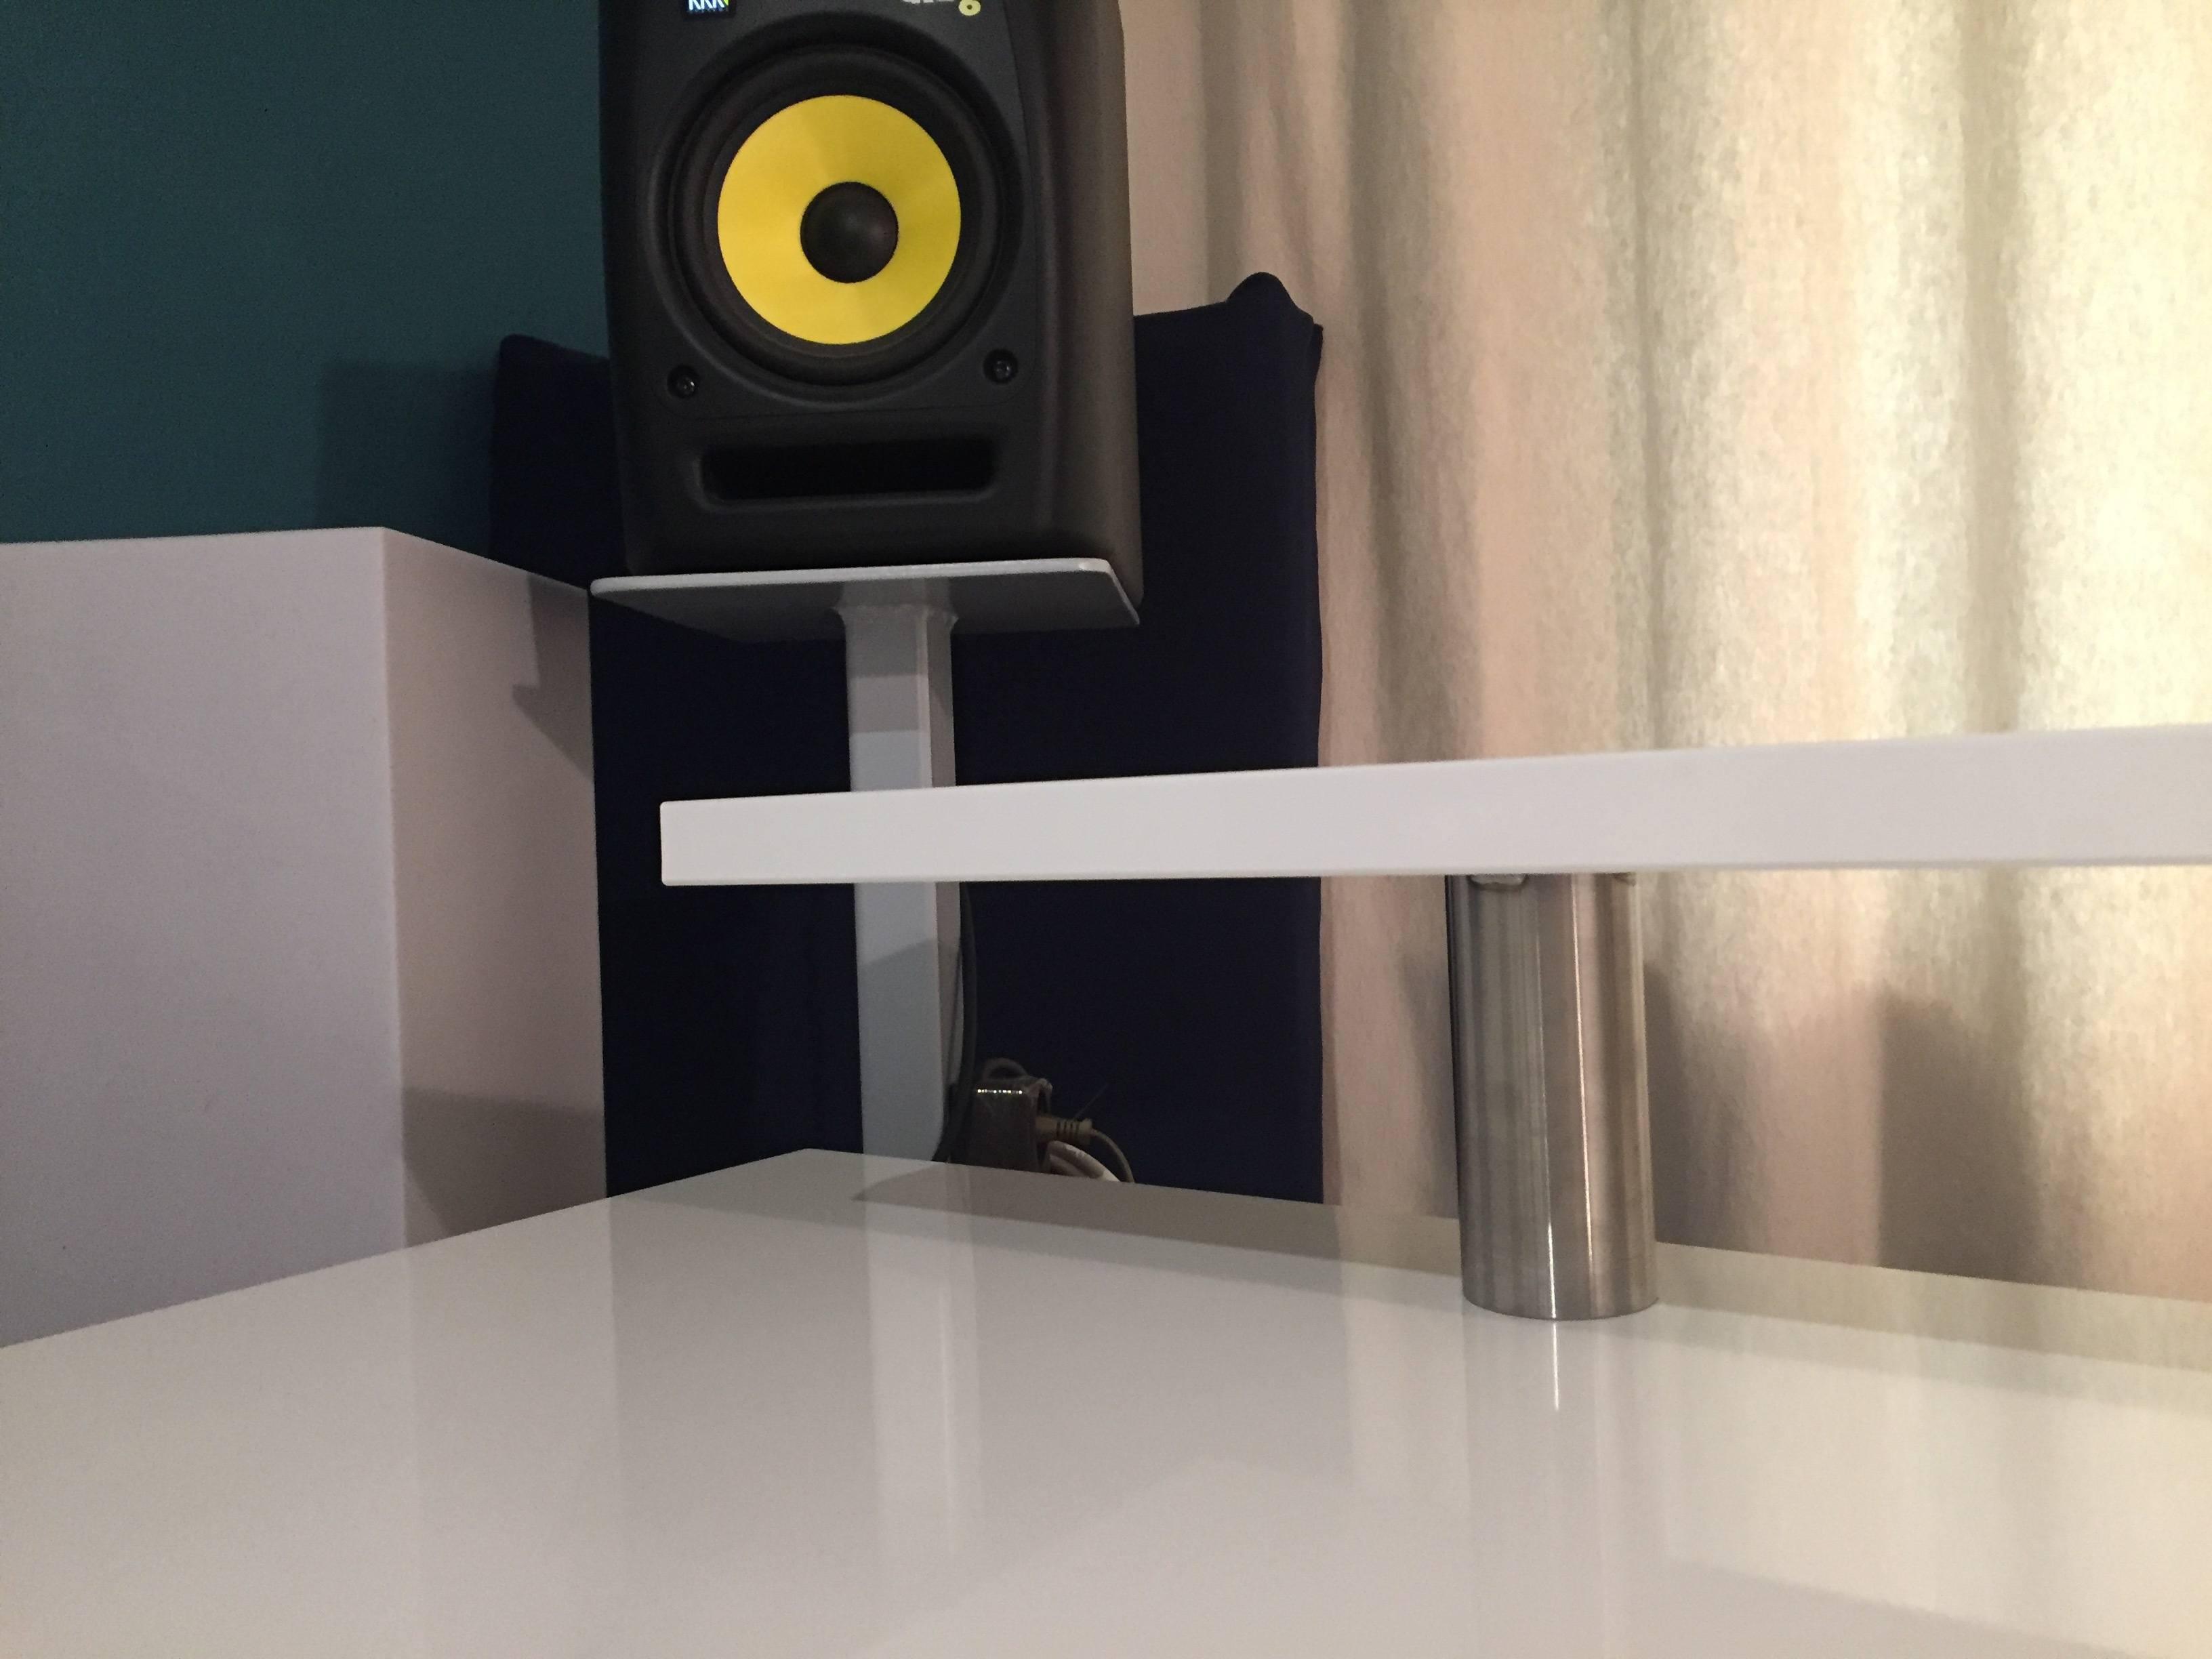 Ikea Studio Tisch selbst gebaut, günstig,